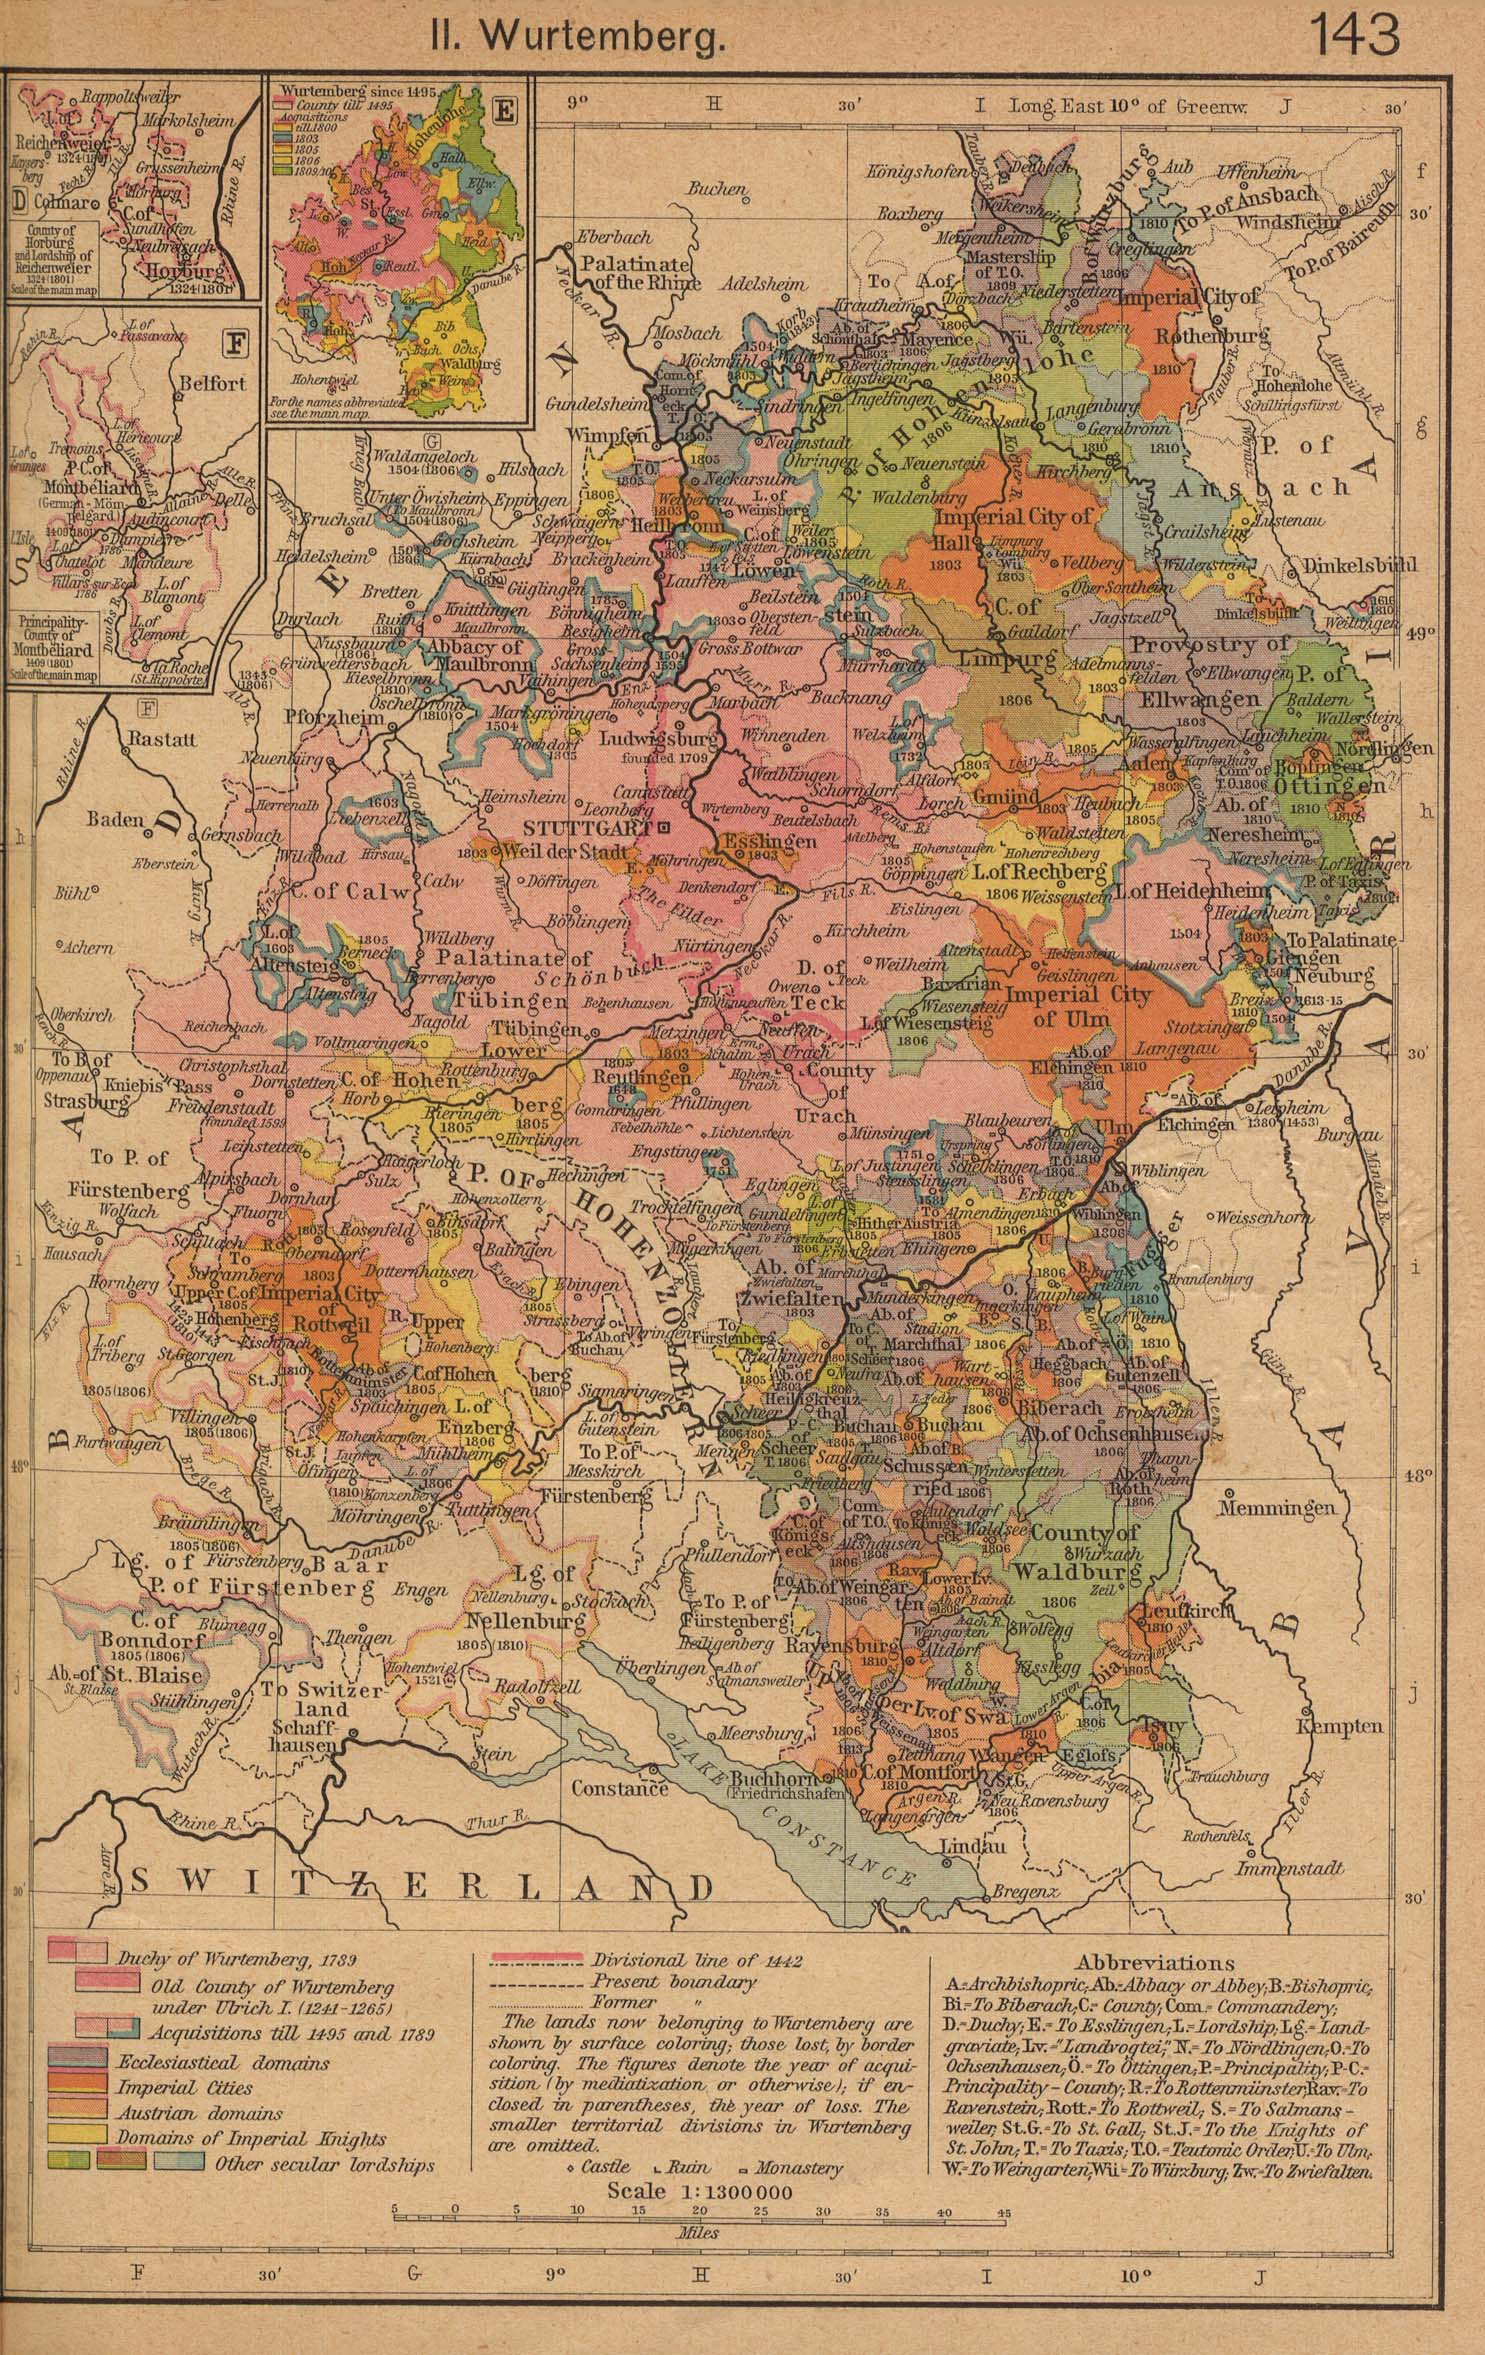 Mapa de Wurtemberg